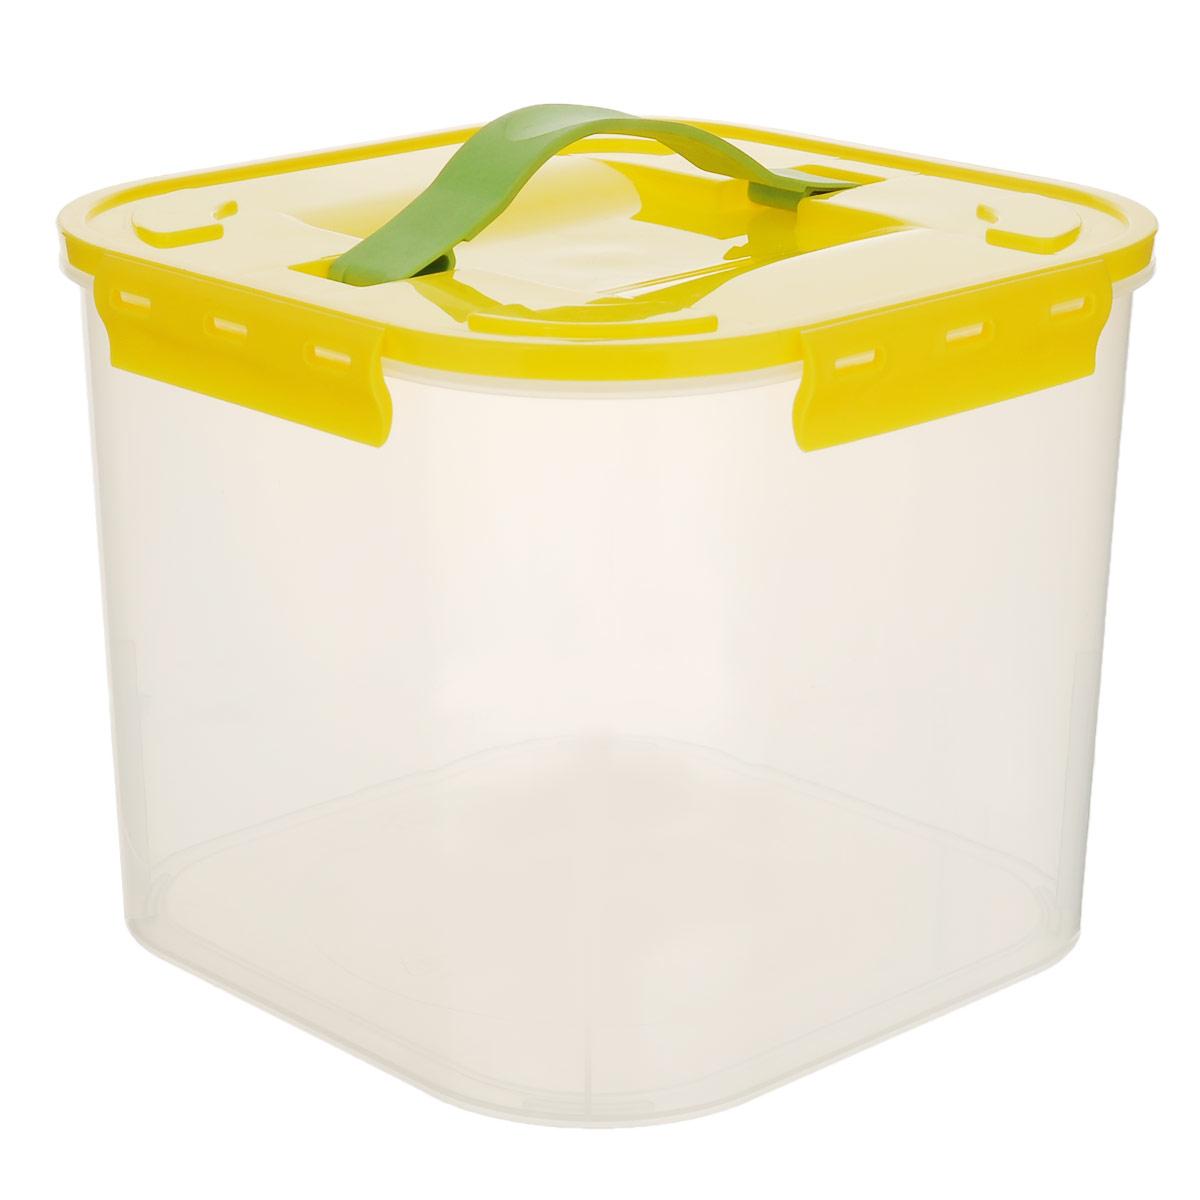 Контейнер дл�� хранения Idea, цвет: желтый, прозрачный, 7 л контейнер для хранения idea фрукты 7 л